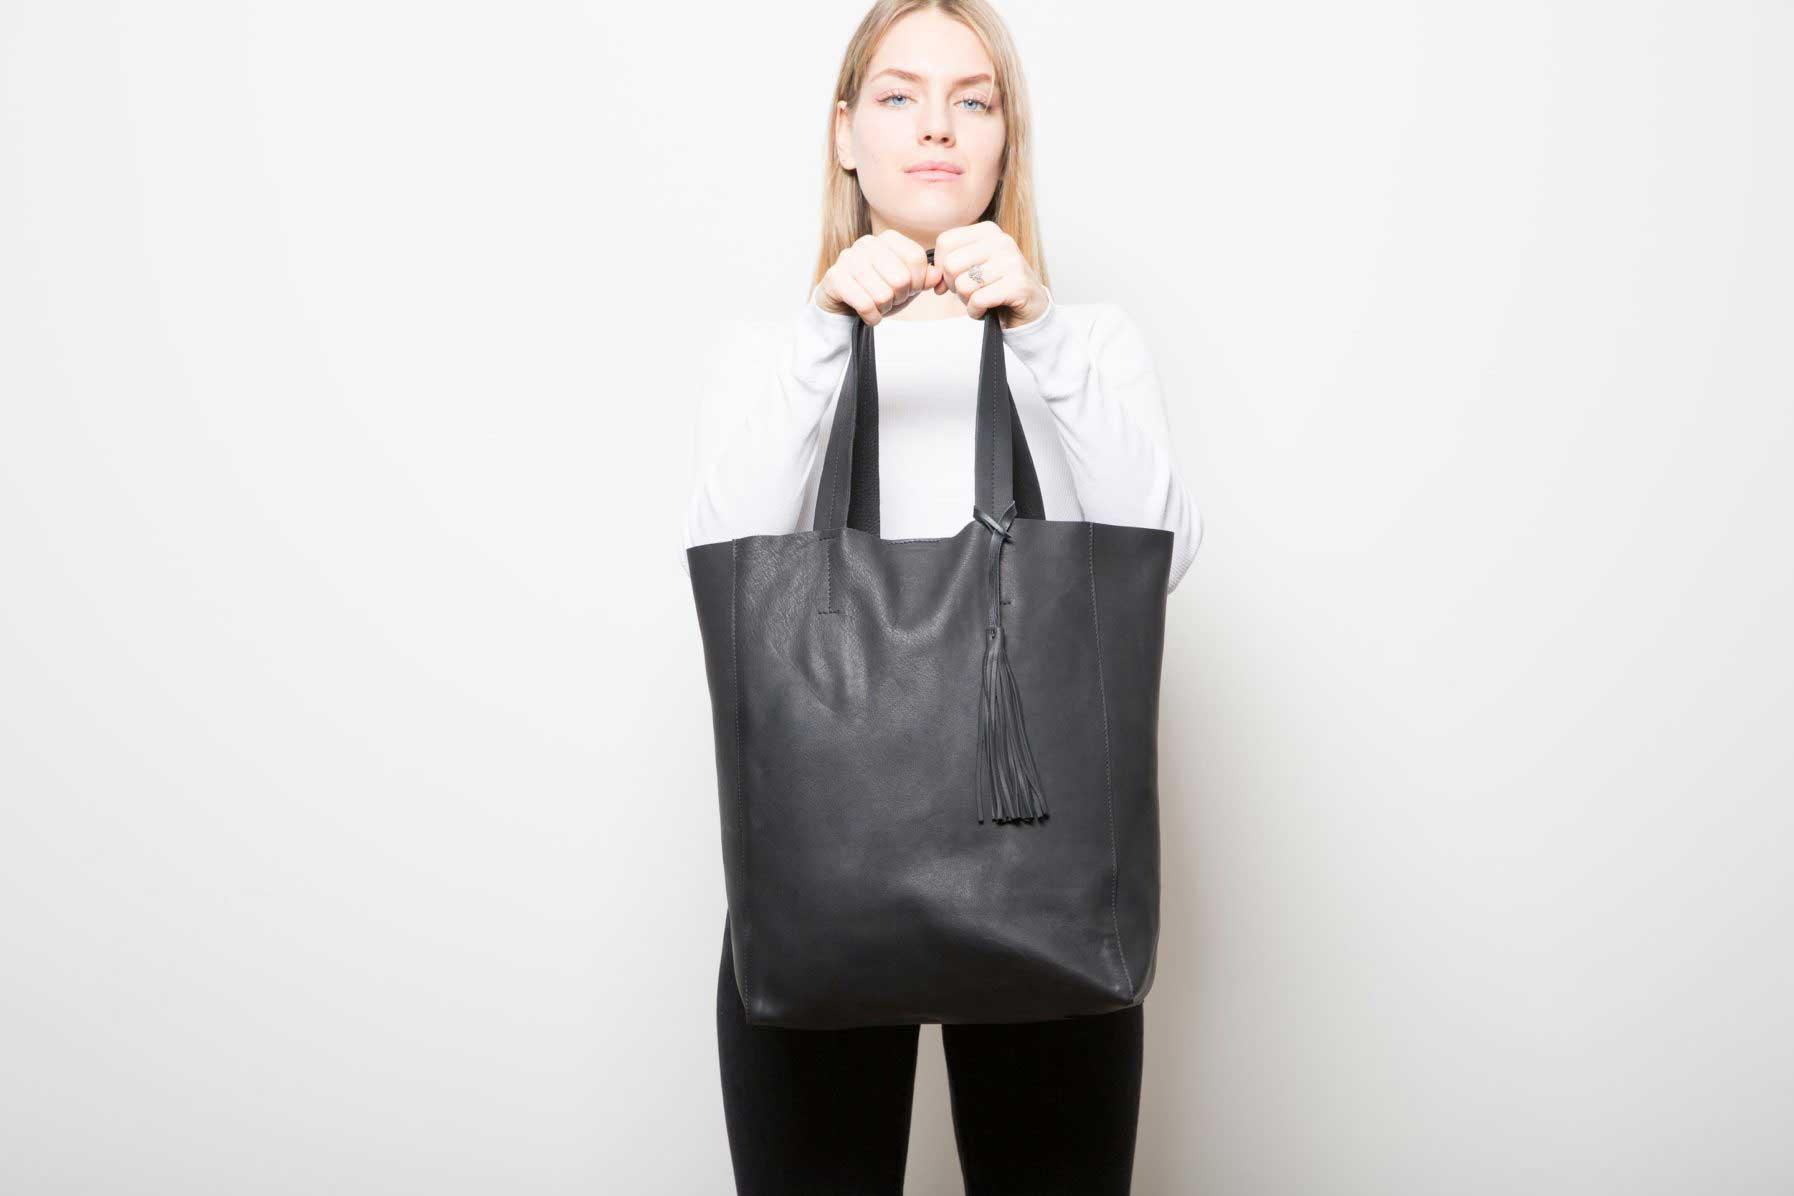 Grand Sac Shopper Noir - Porté de face - ordinari.shop